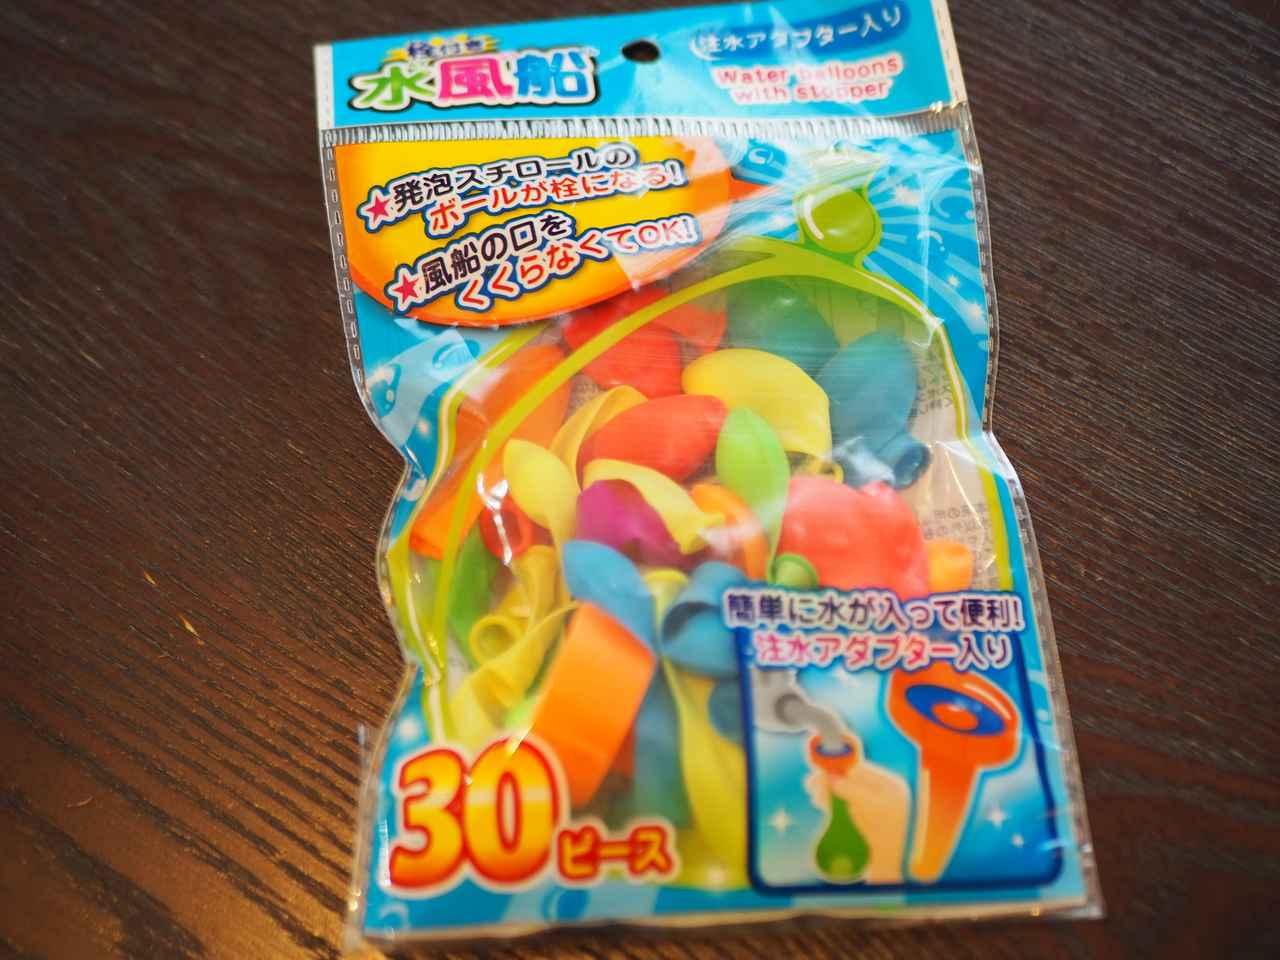 画像: 100円ショップ「キャン★ドゥ」で購入 画像:筆者撮影